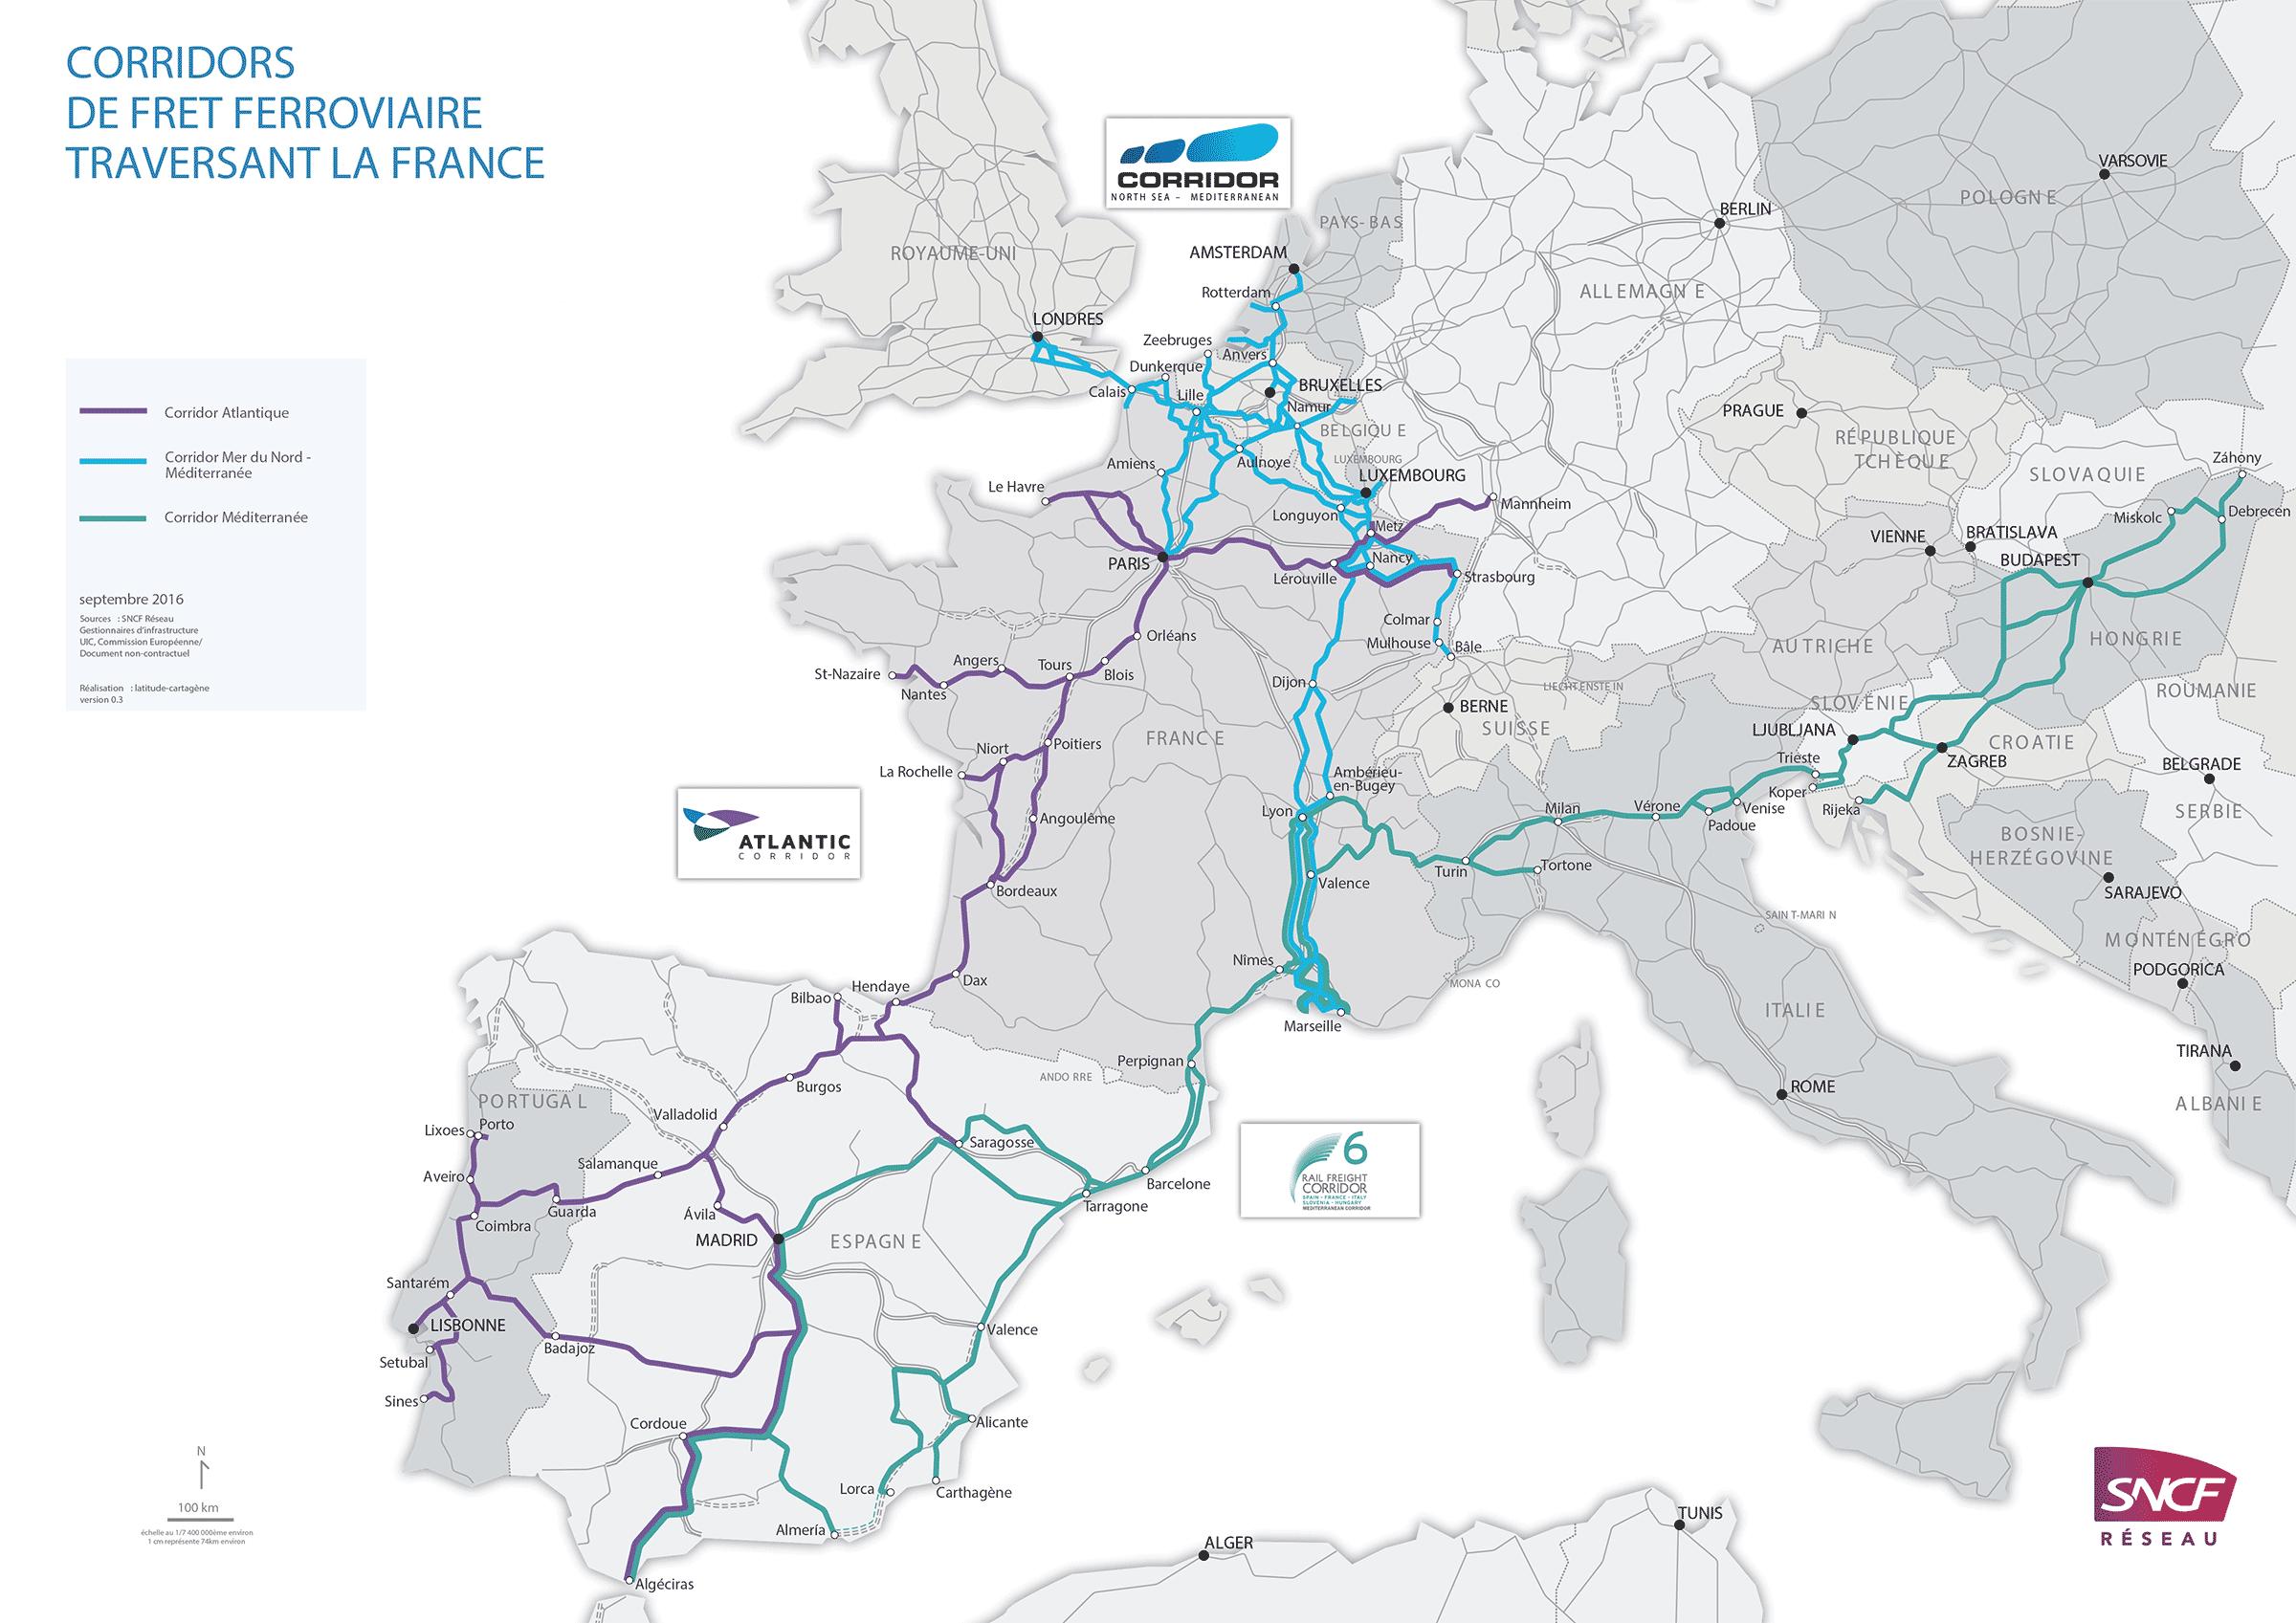 Corridors européens de fret ferroviaire traversant la France   SNCF Réseau